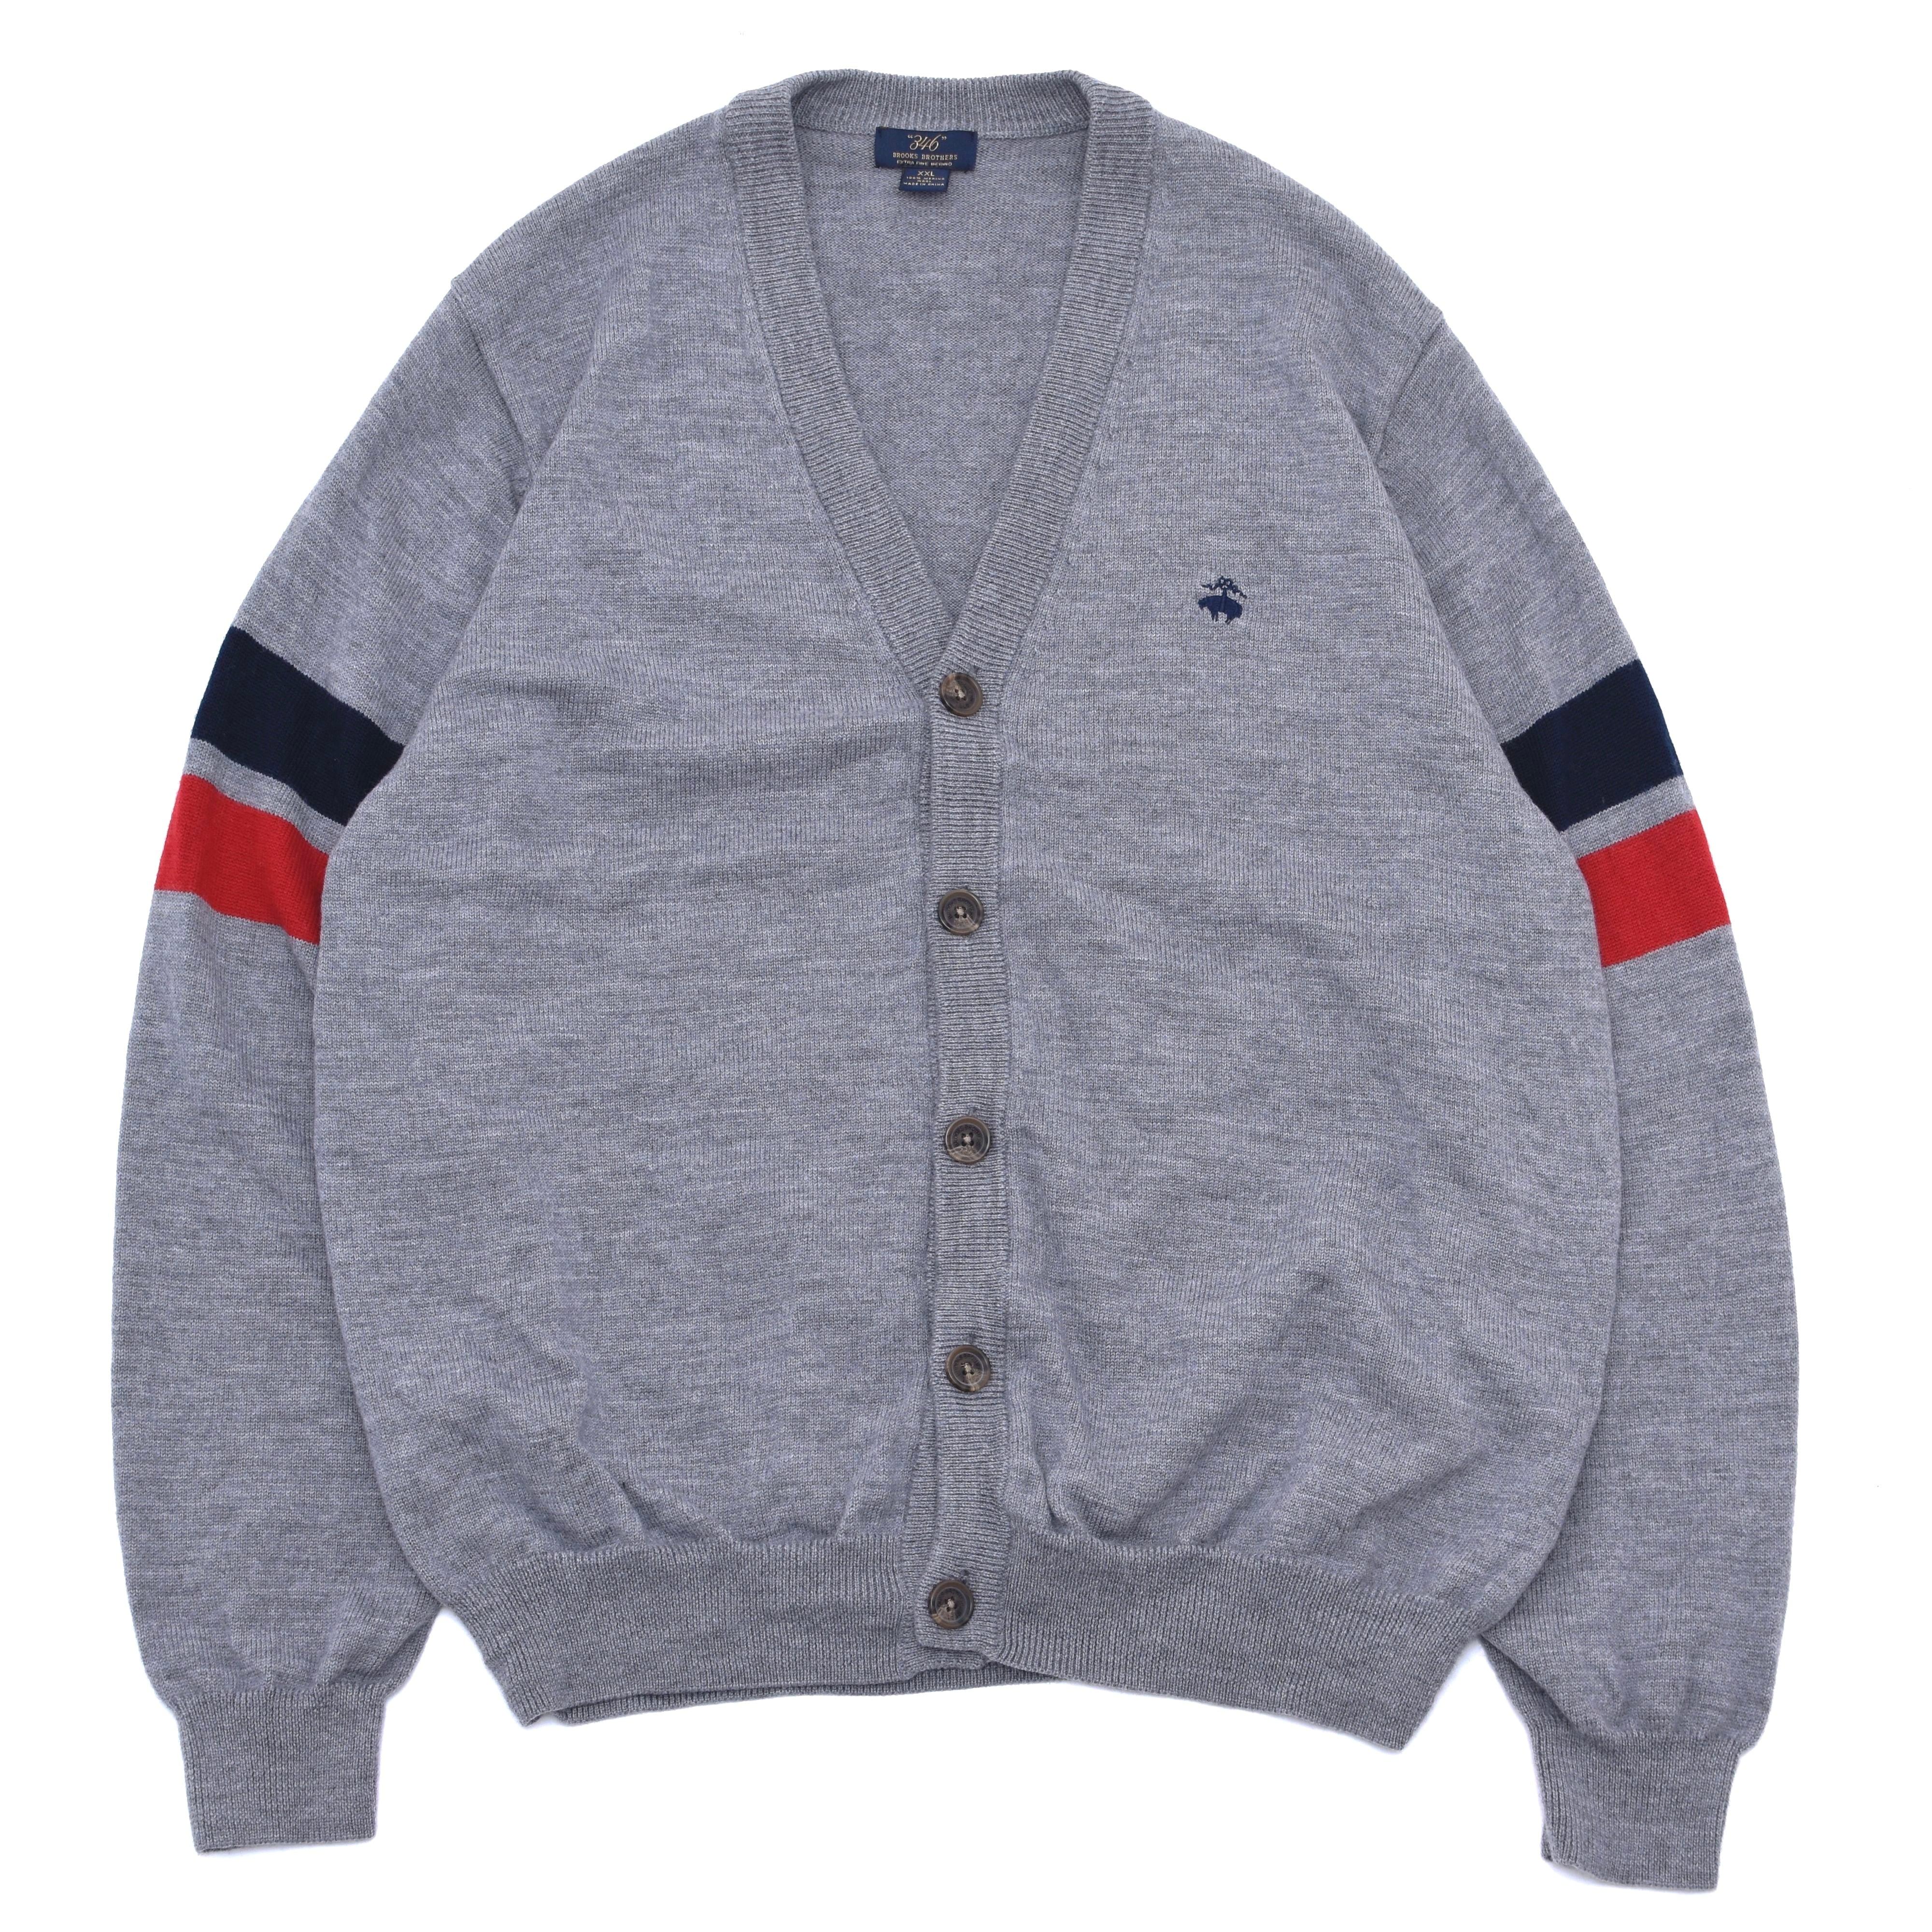 Brooks Brothers 346 wool knit cardigan